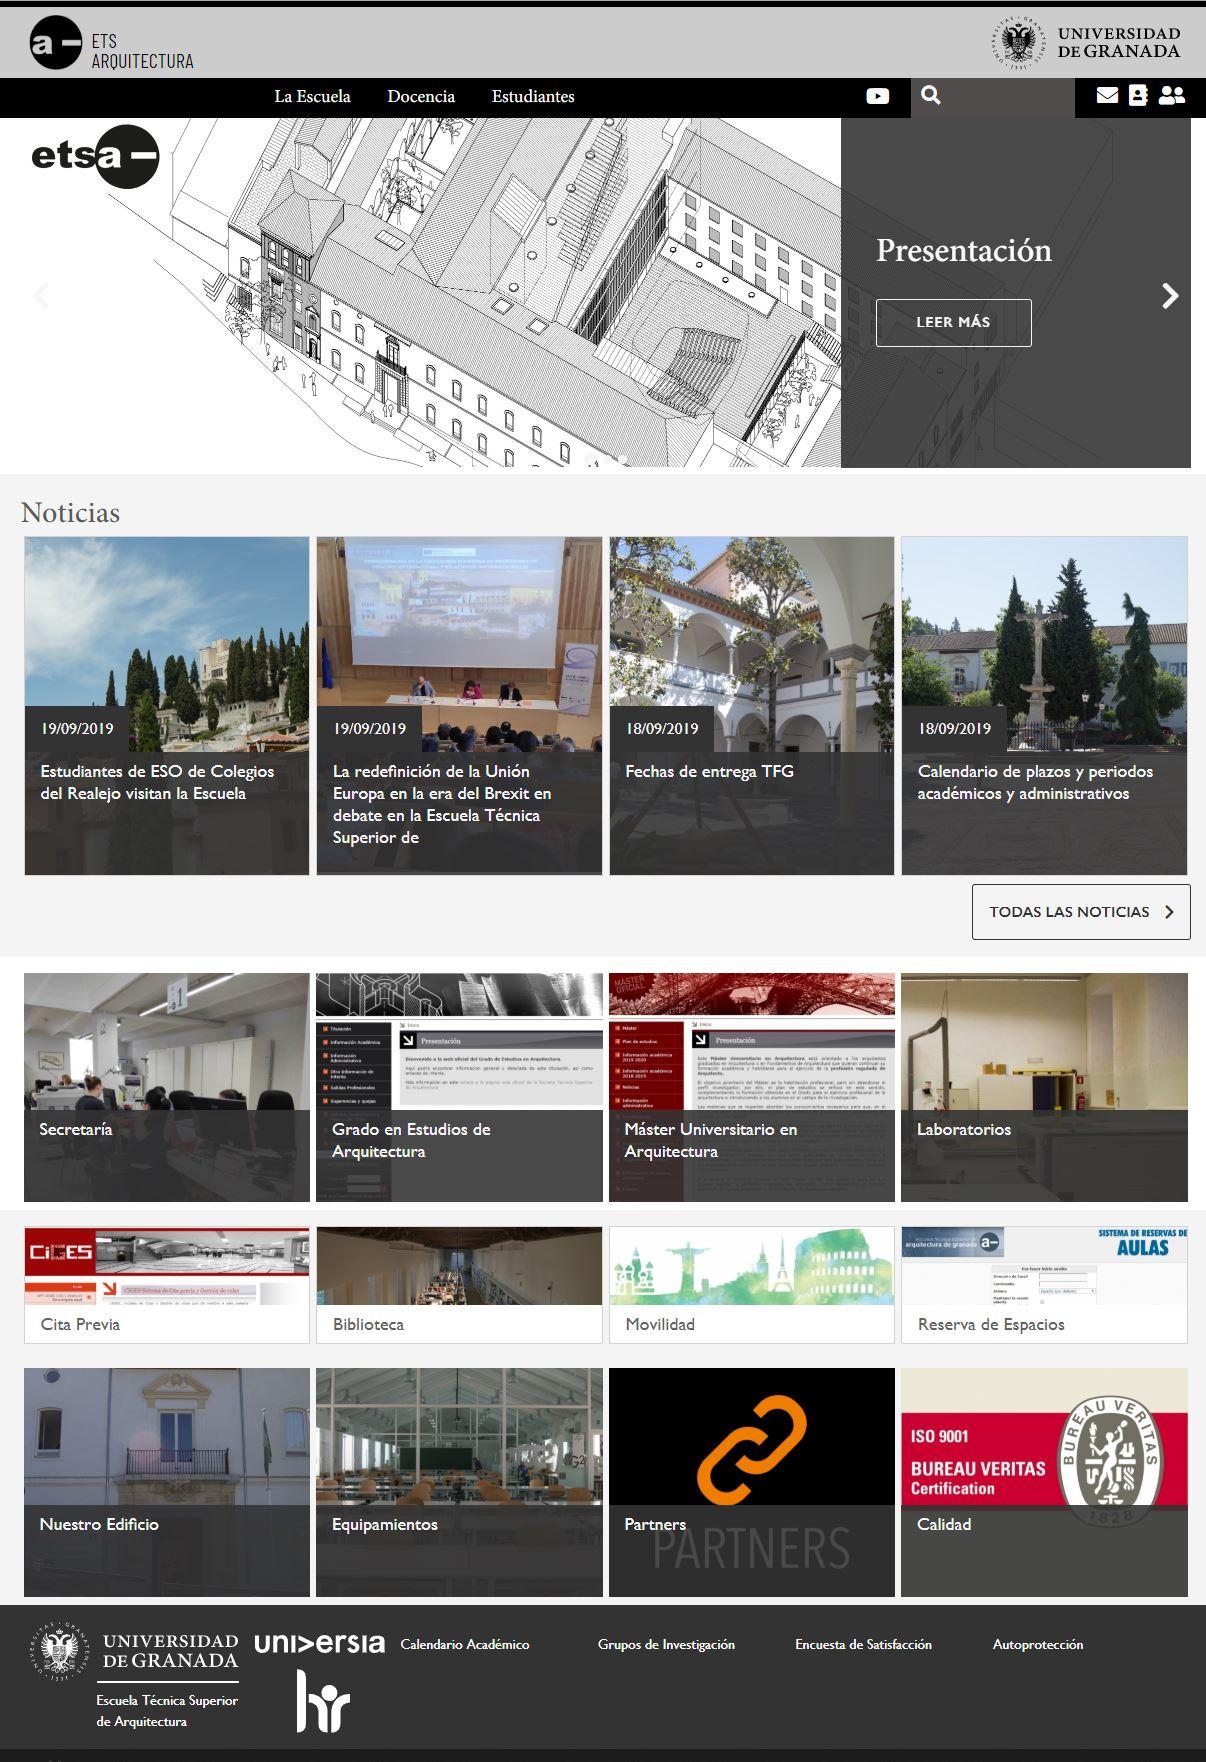 Captura de la página de inicio de la web de la E.T.S. de Arquitectura